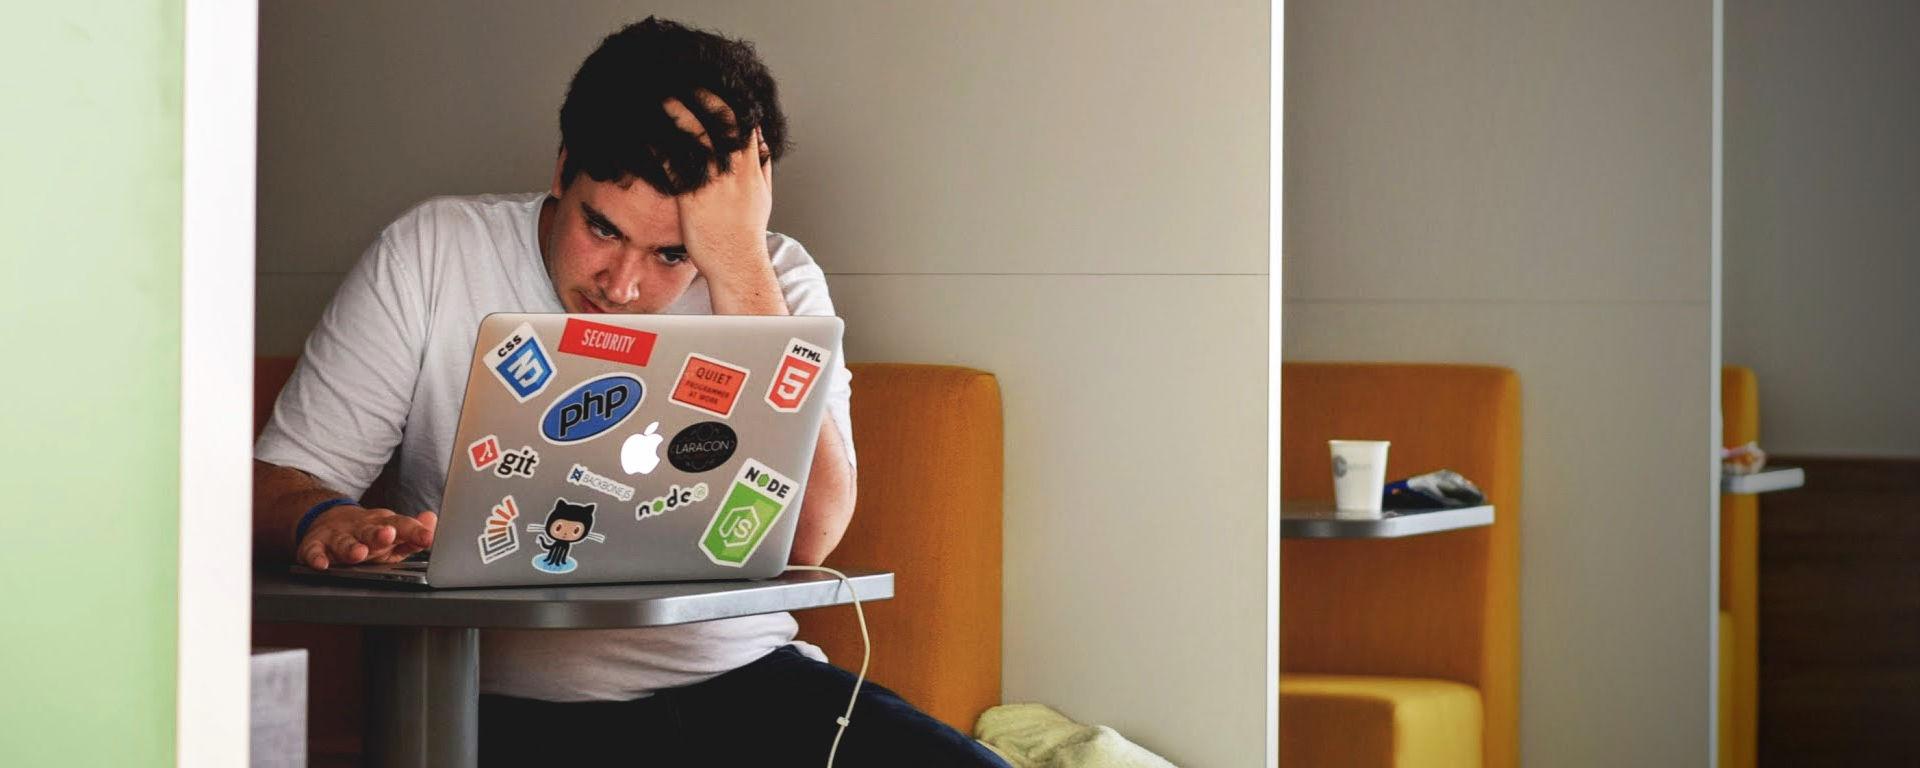 Die Zahl der Solopreneure steigt an, aber die meisten werden scheitern.